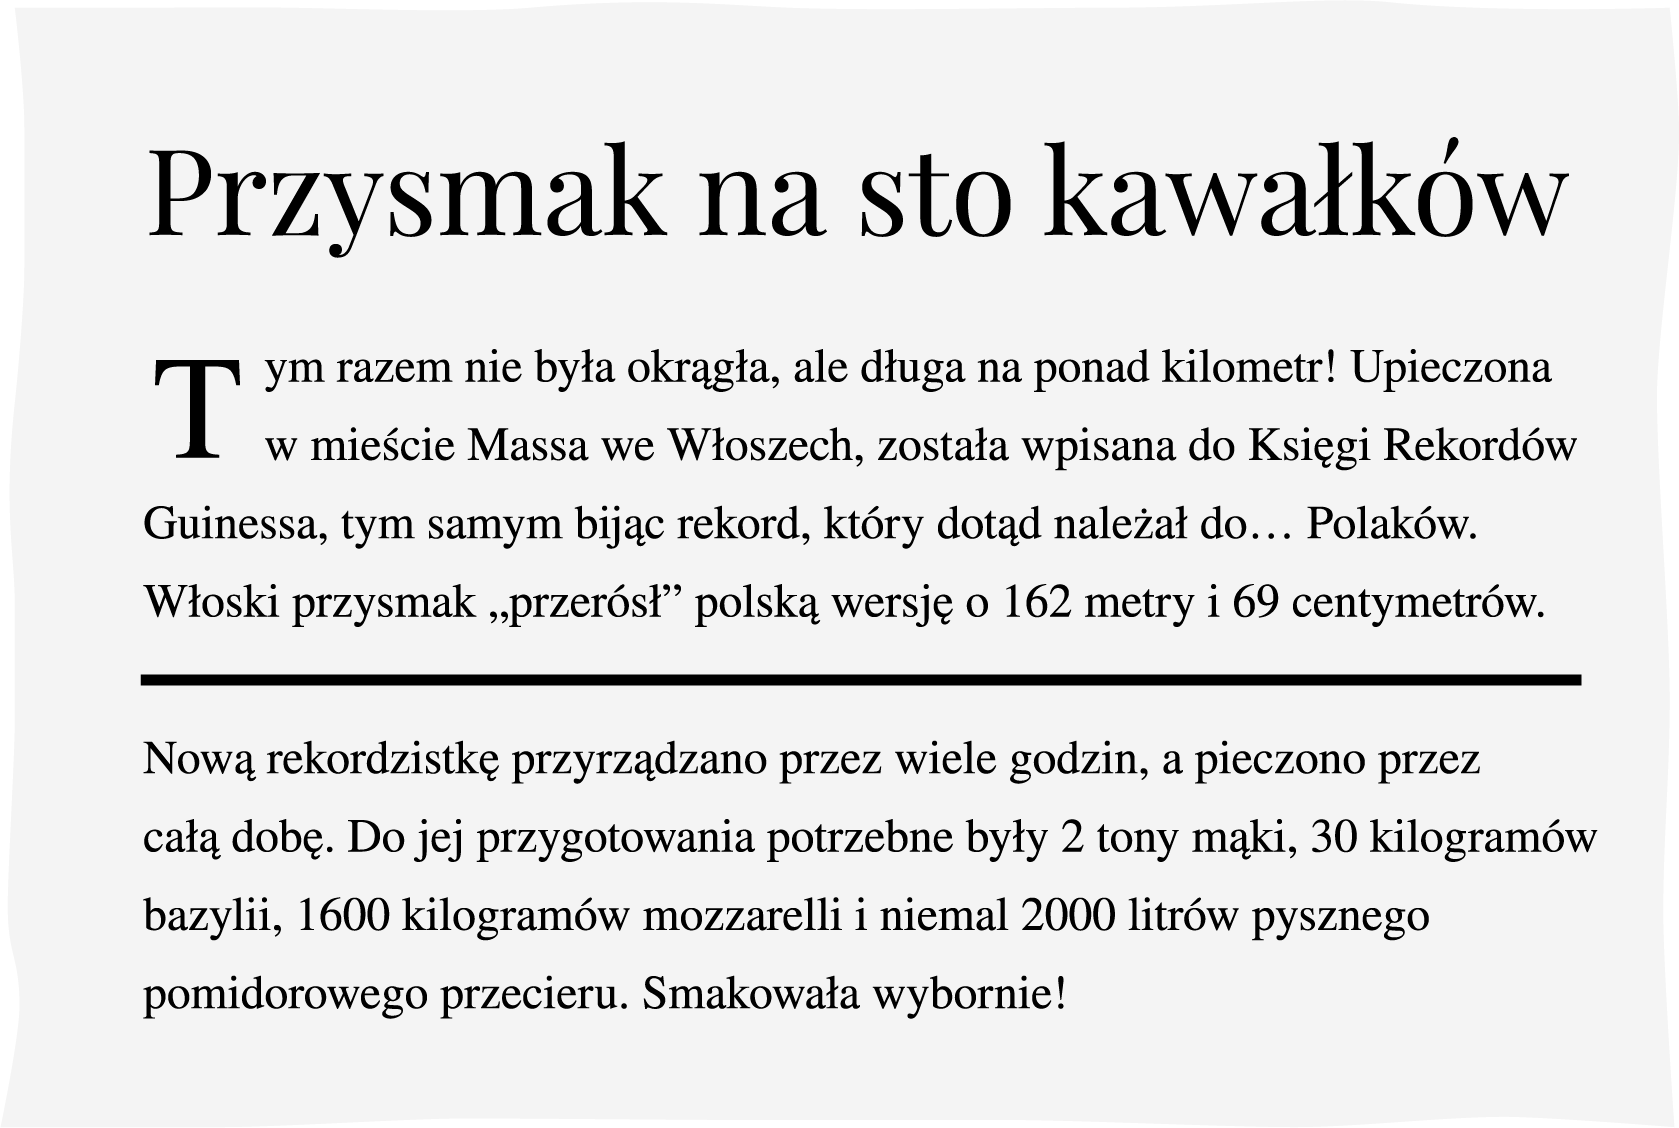 Wycinek zgazety na temat rekordowej pizzy Źródło: Contentplus.pl sp. zo.o., licencja: CC BY 3.0.